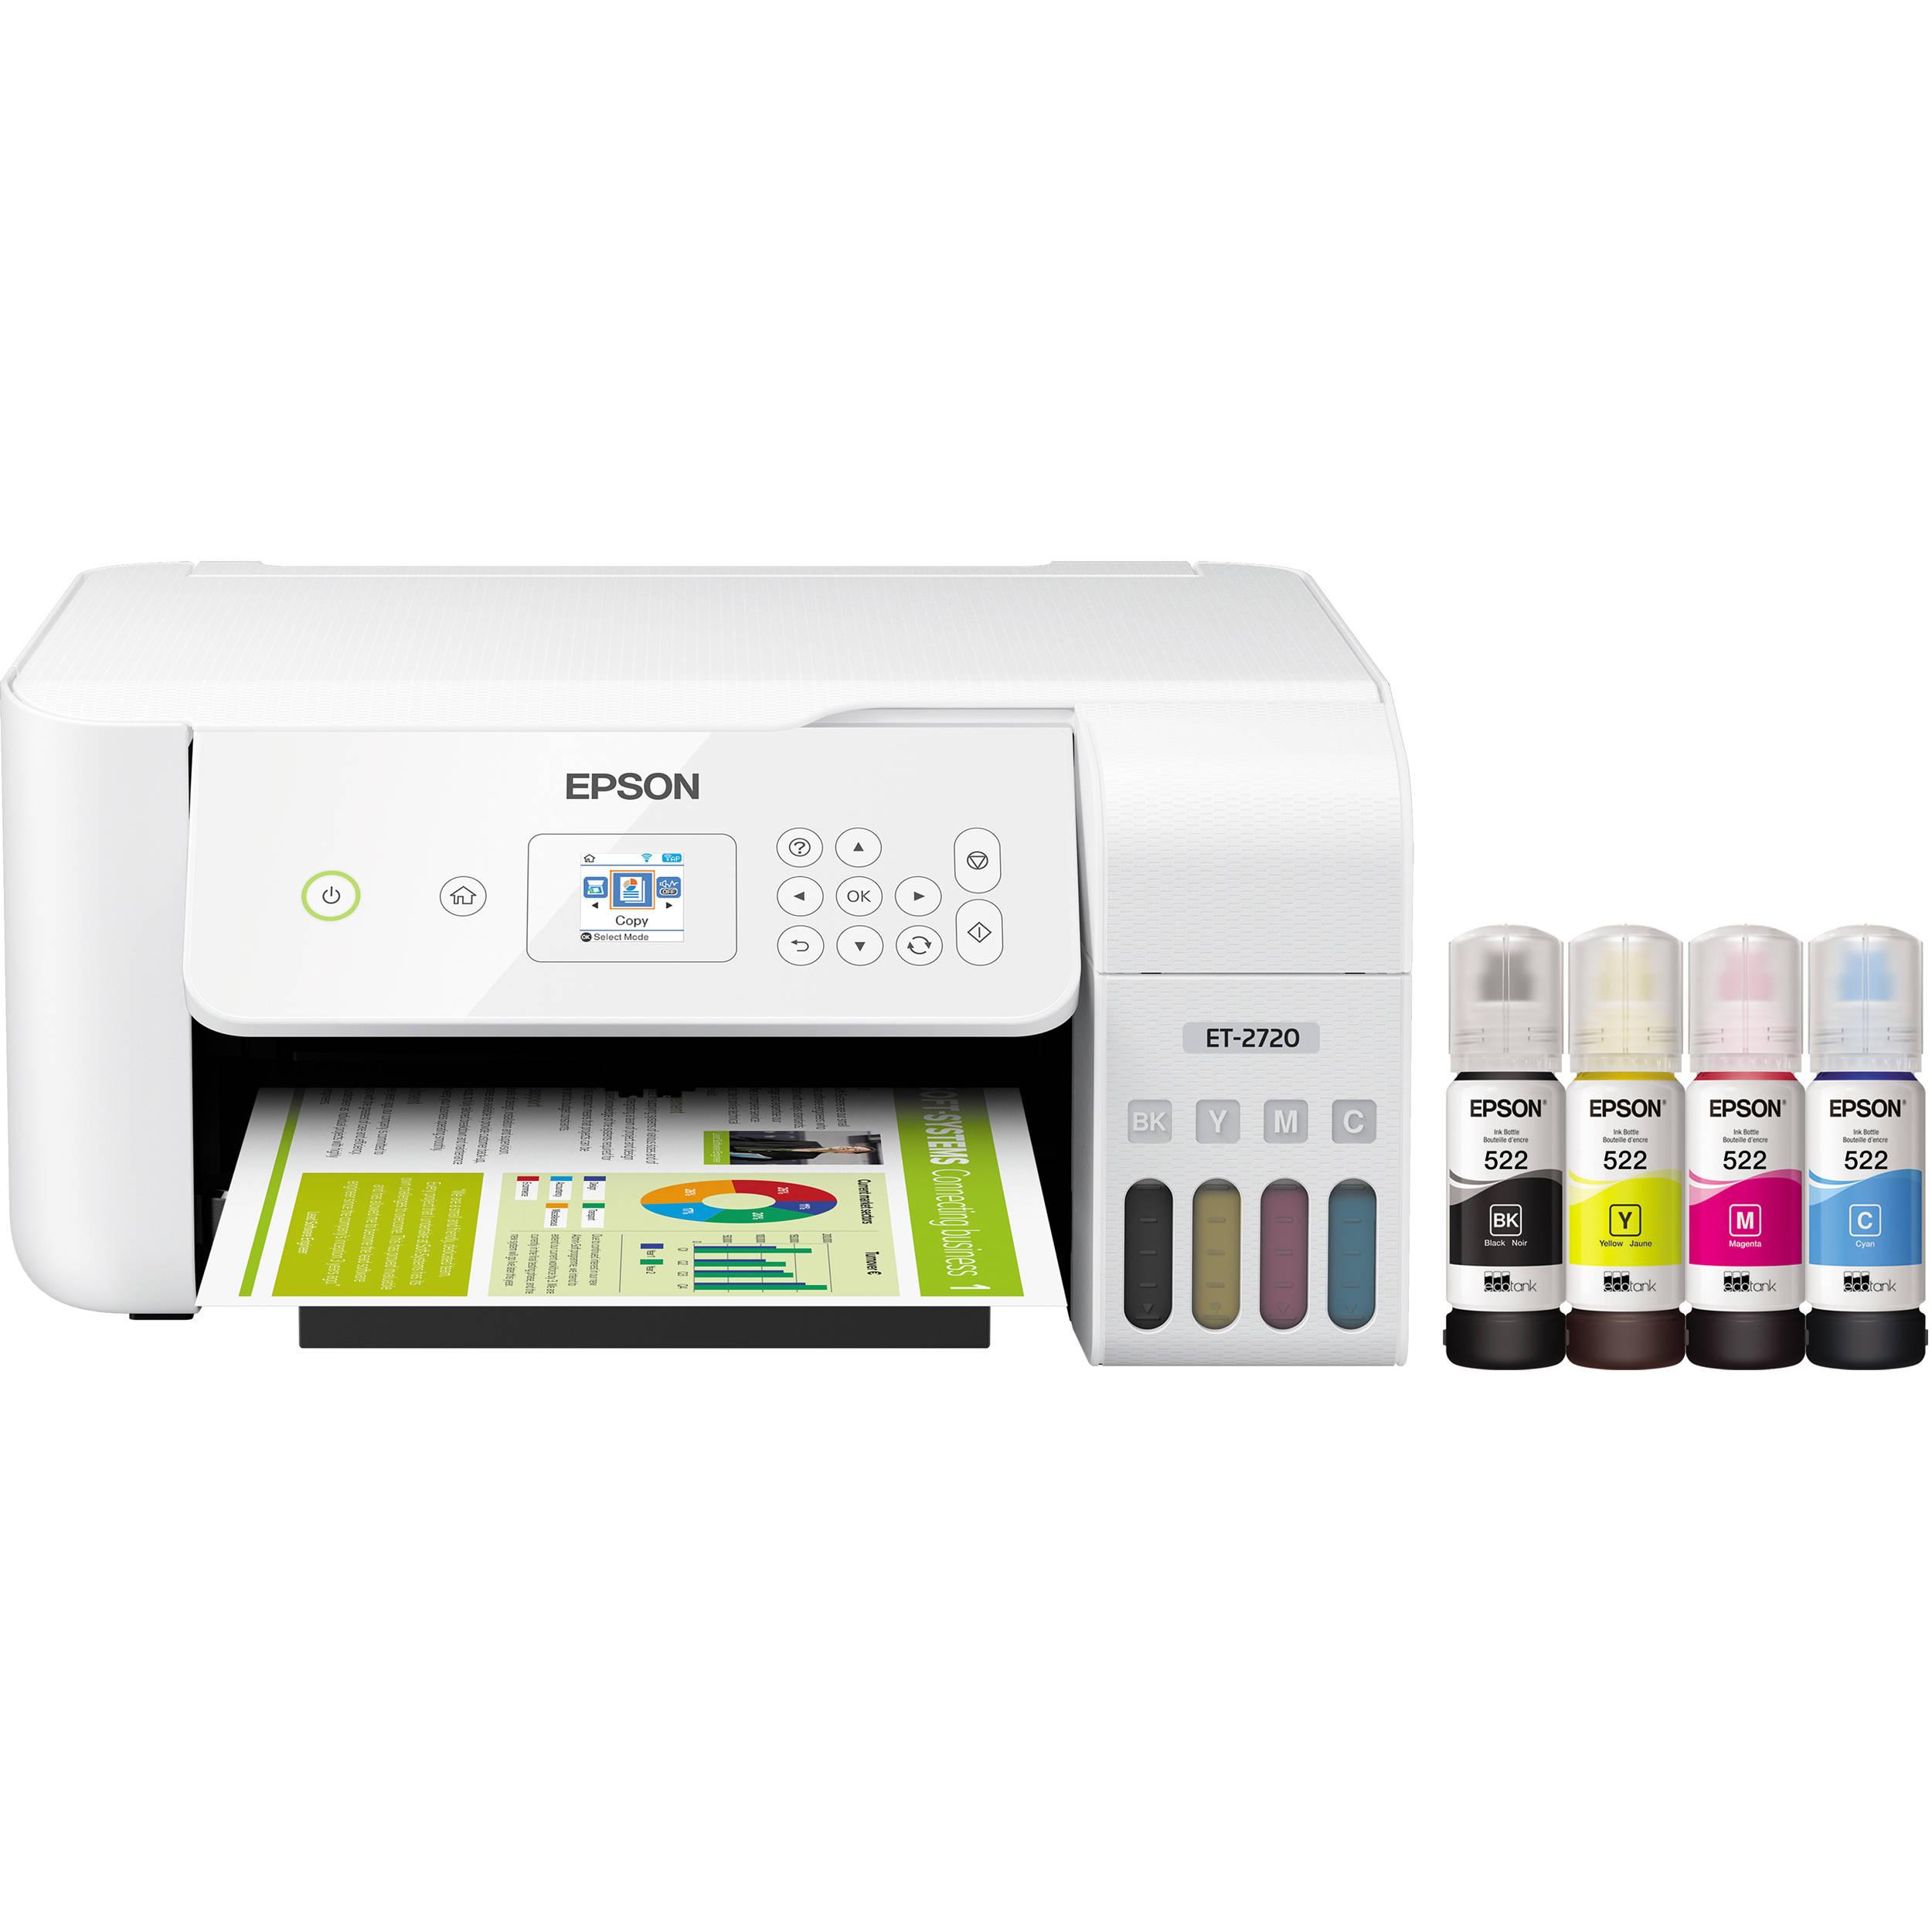 Epson EcoTank ET-2720 All-In-One Inkjet Printer (White)